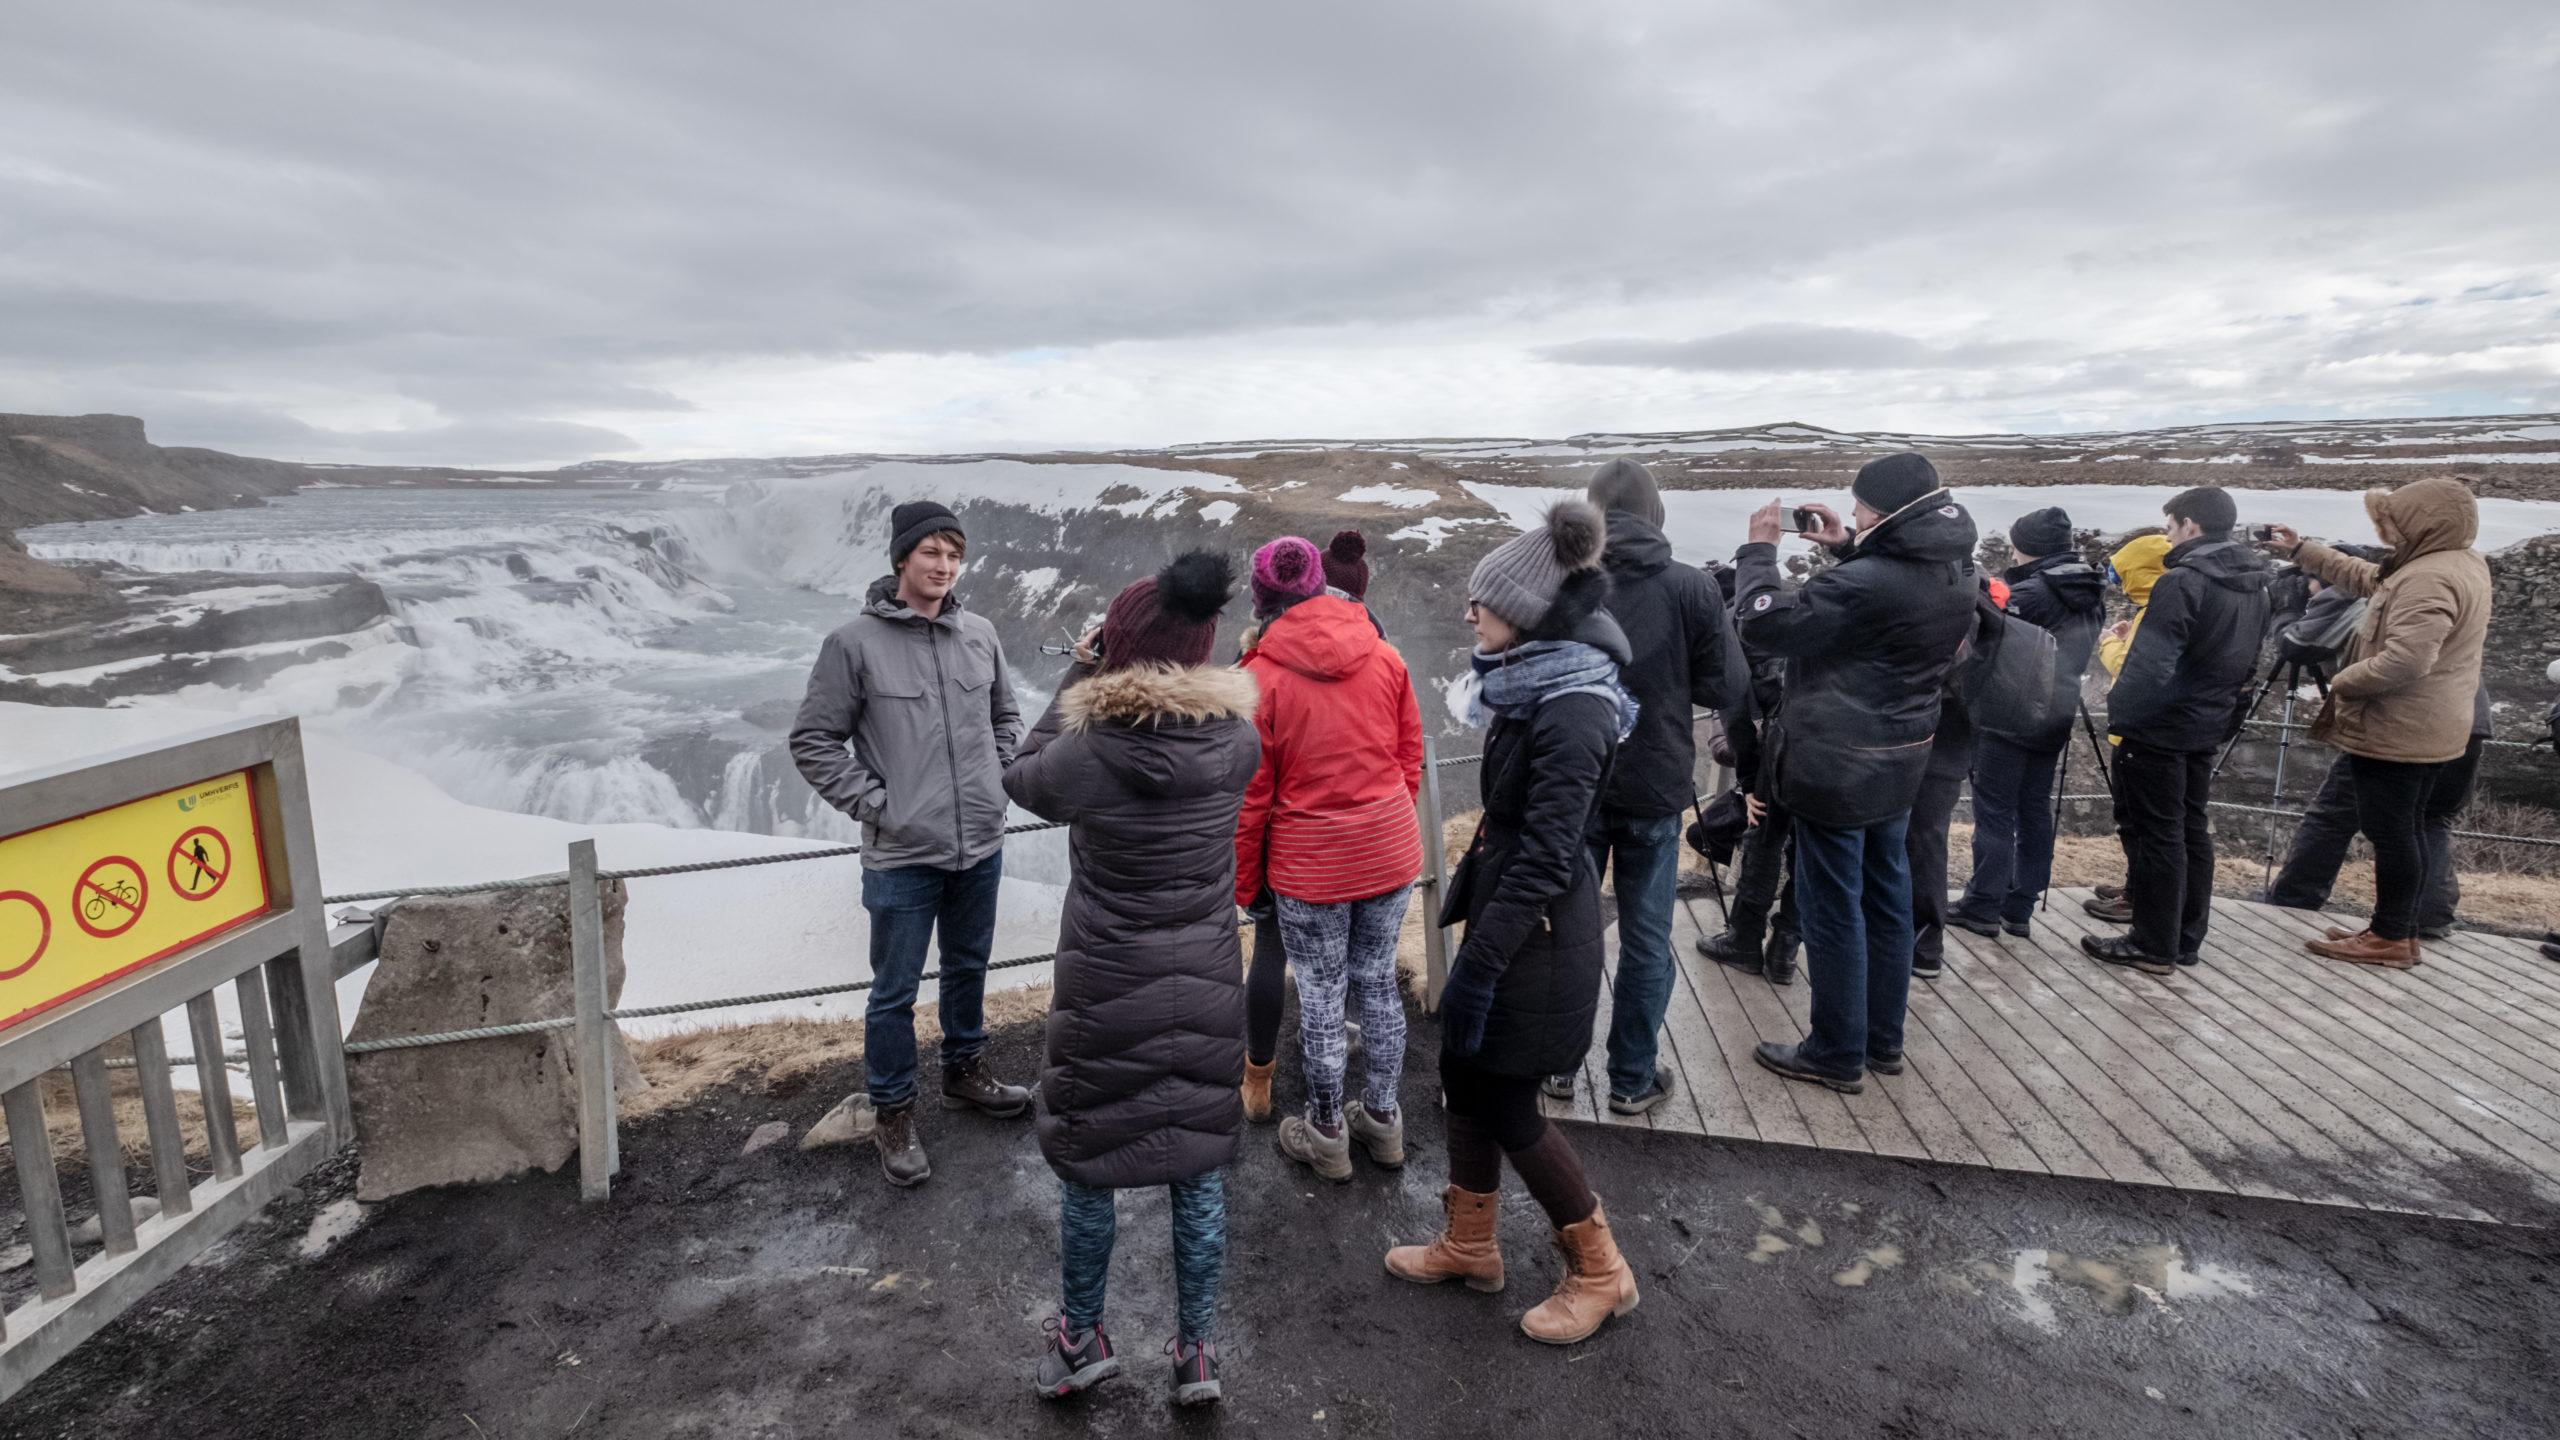 Overtourism in Island – das Land, in dem Fotografen an jeder Ecke Schlange stehen